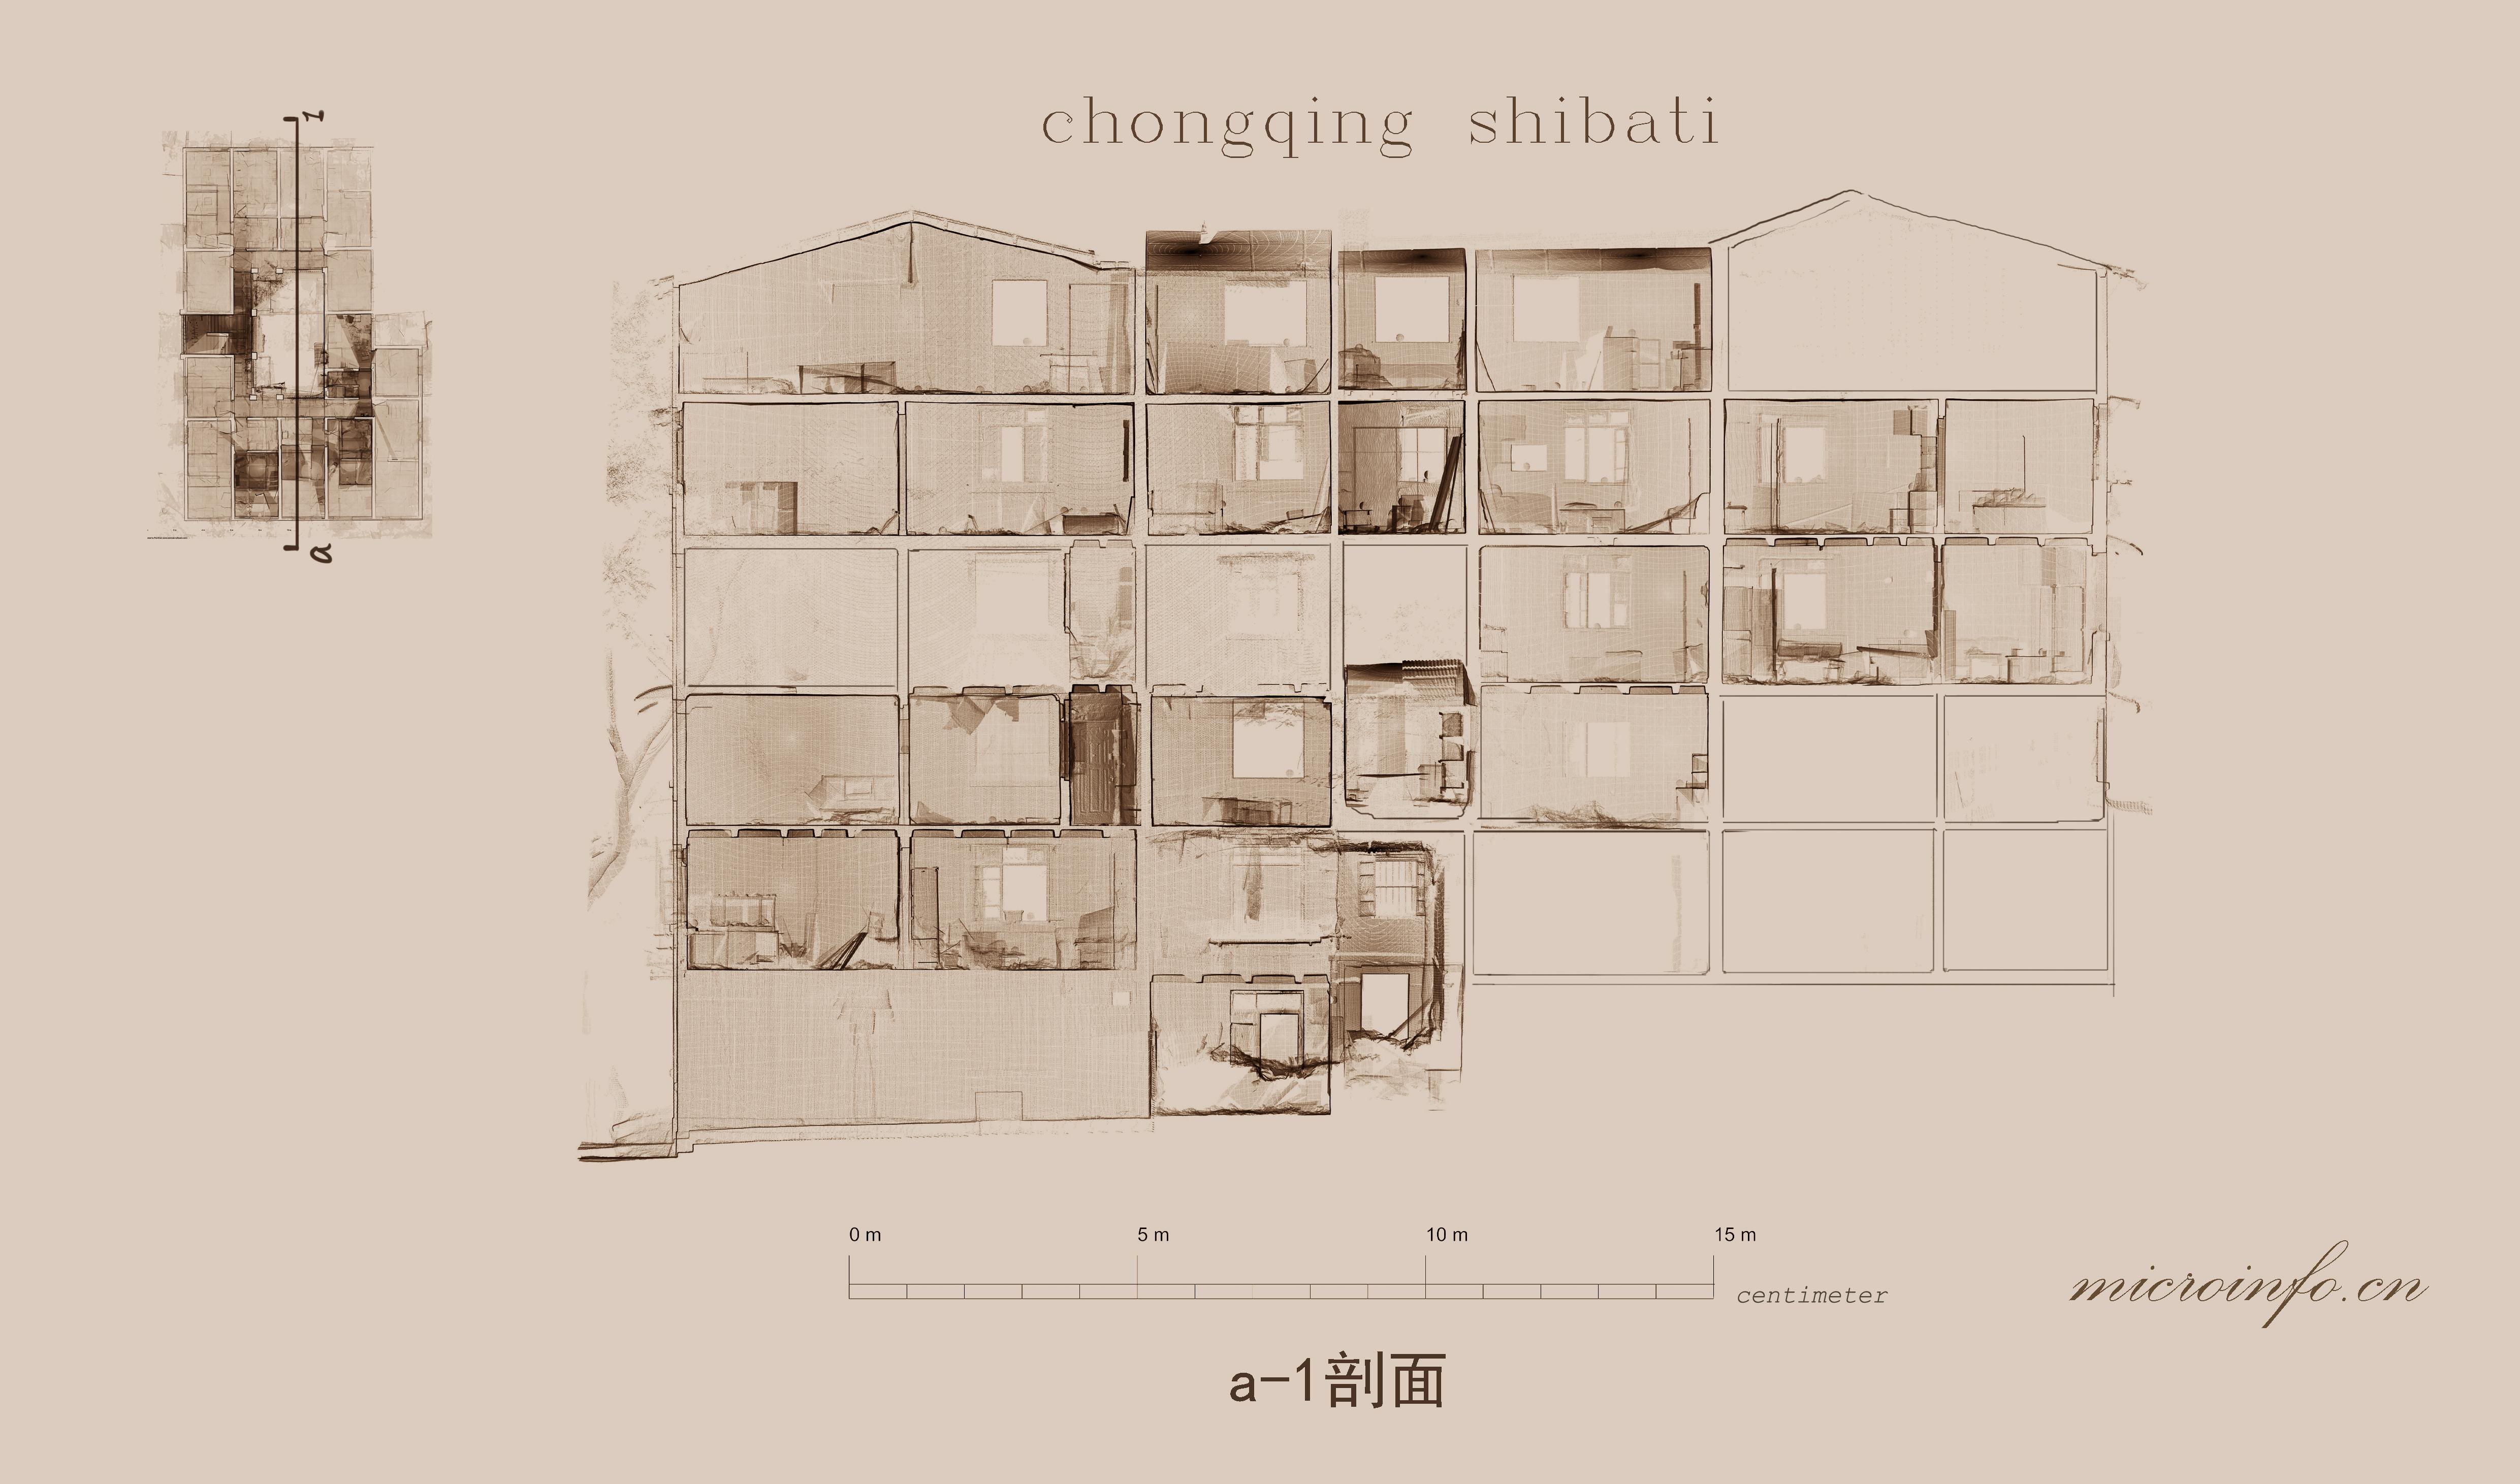 旧房子 三维 建筑/空间 余子根 - 原创作品 - 站酷